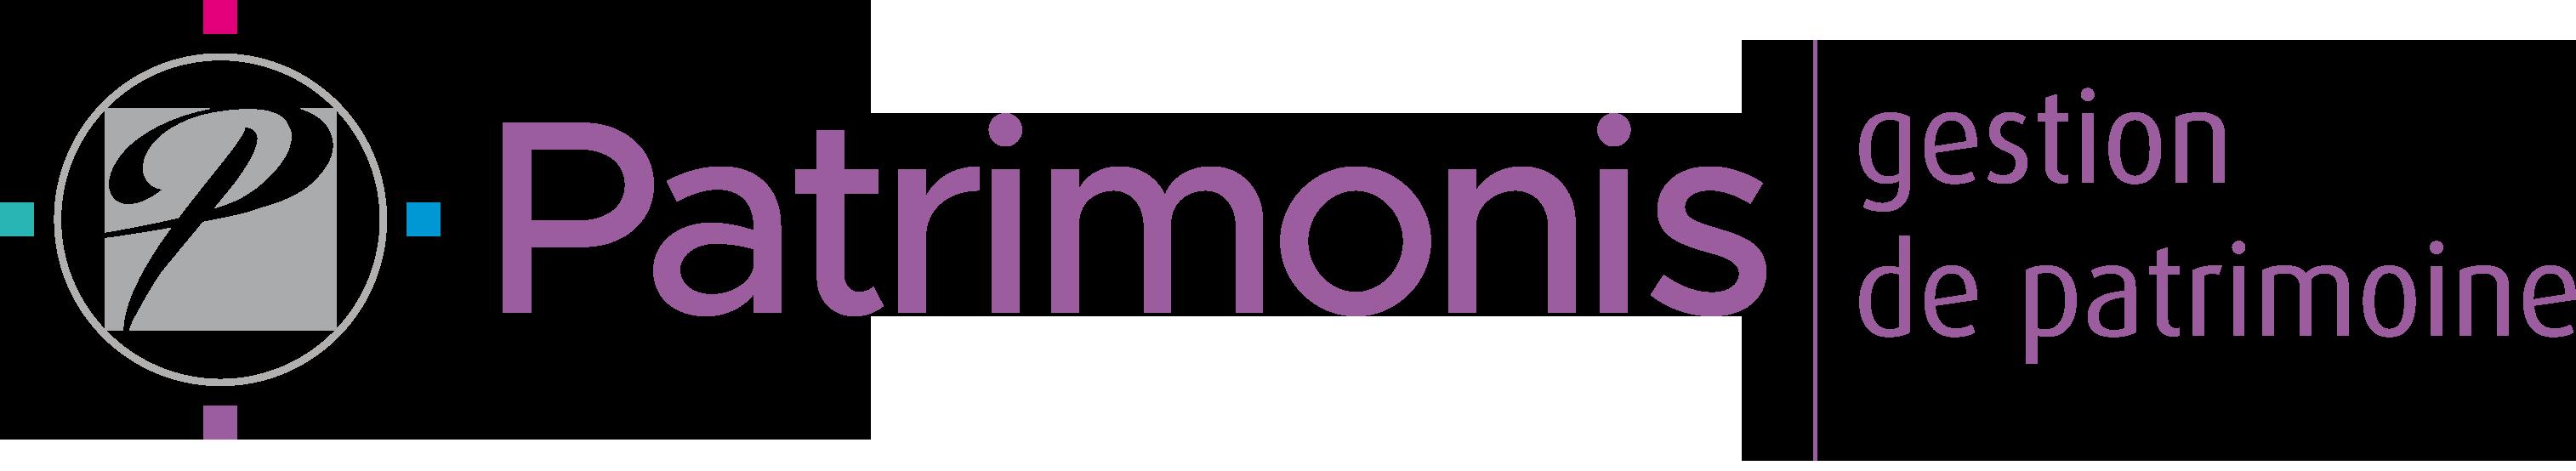 logo patrimonis - la gestion du patrimoine by painvin